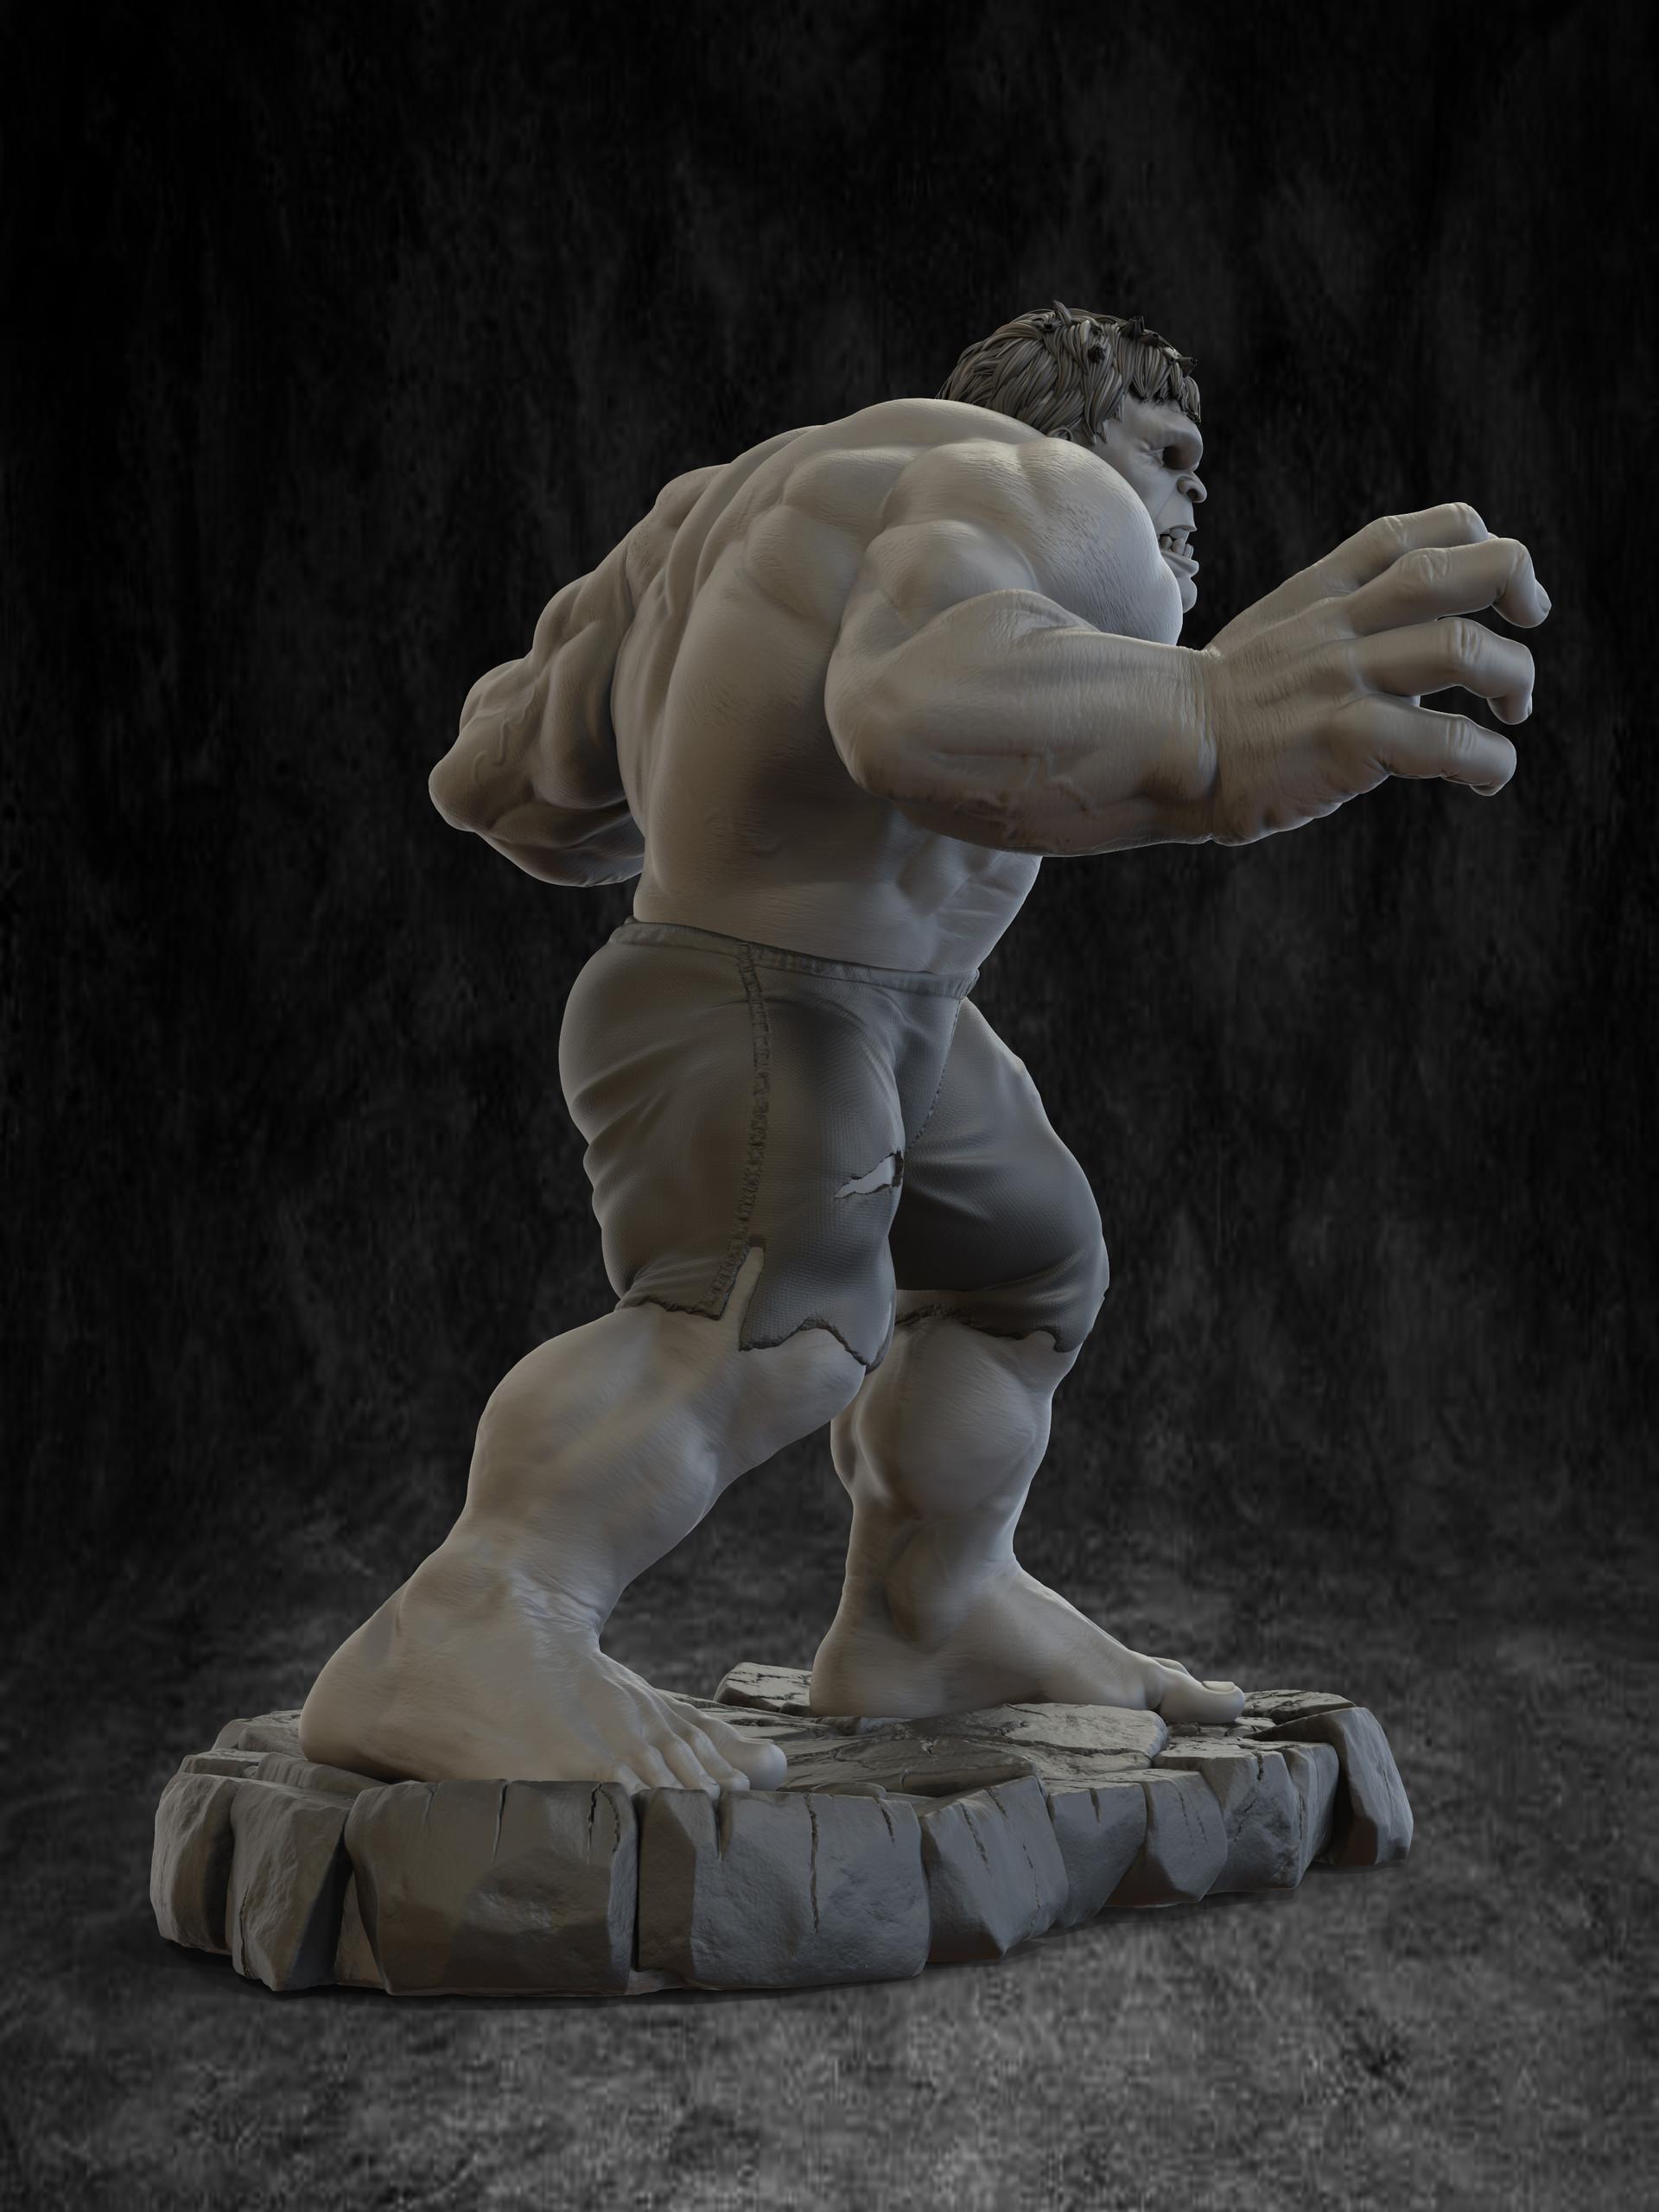 Will higgins hulk 02